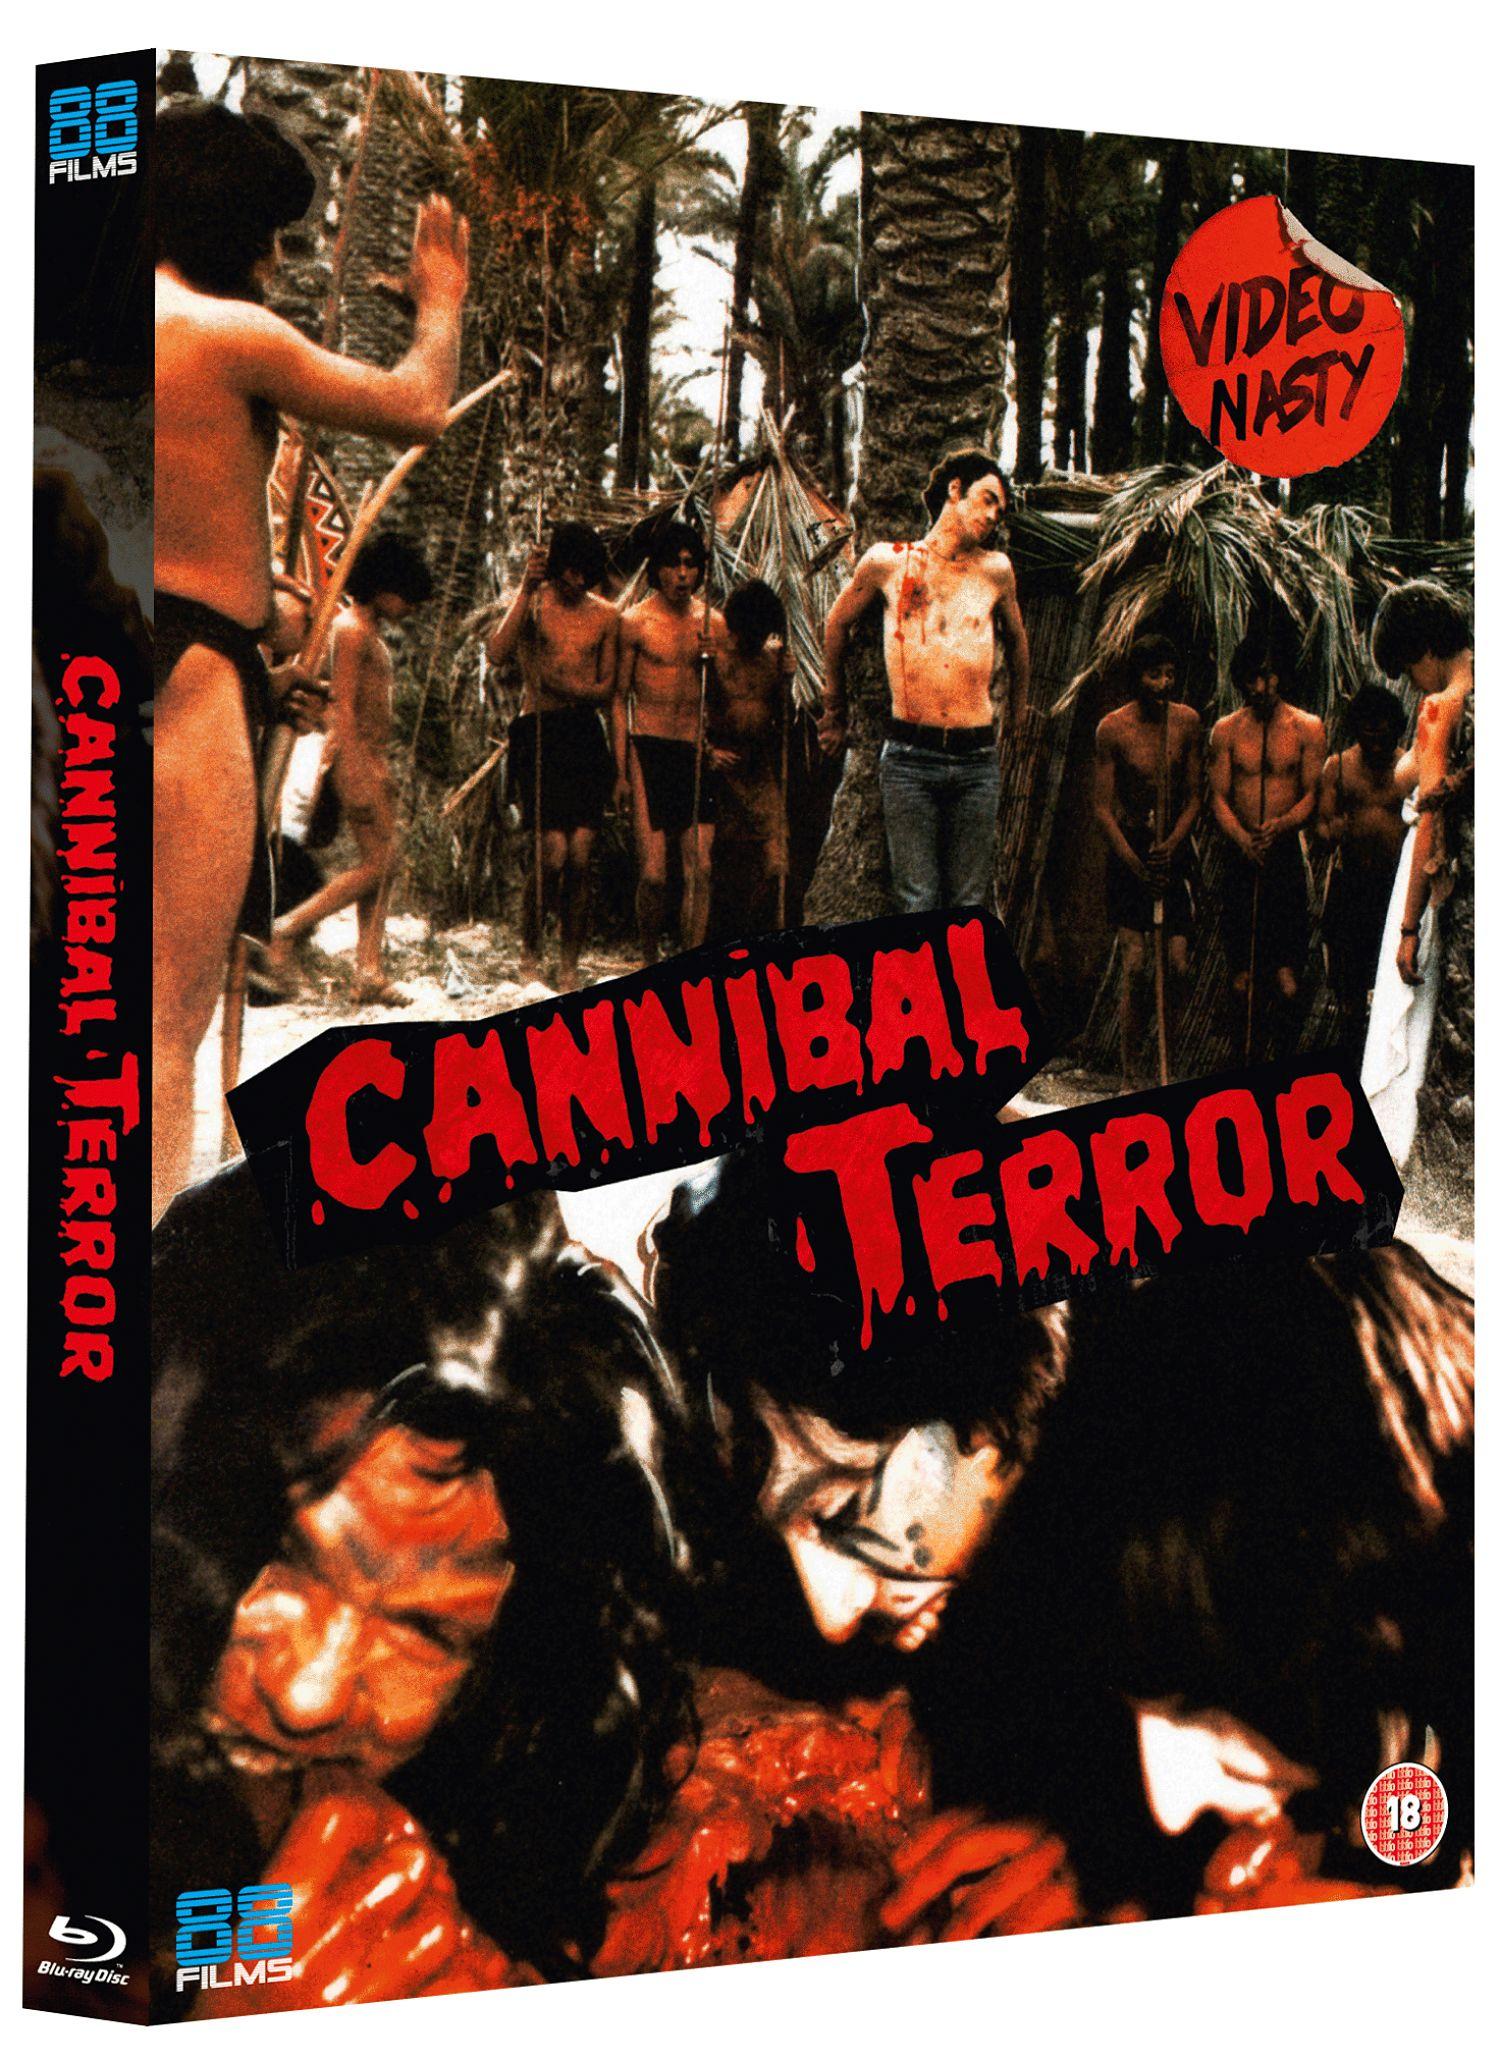 Cannibal Terror 3D Packshot Slipcase.jpg